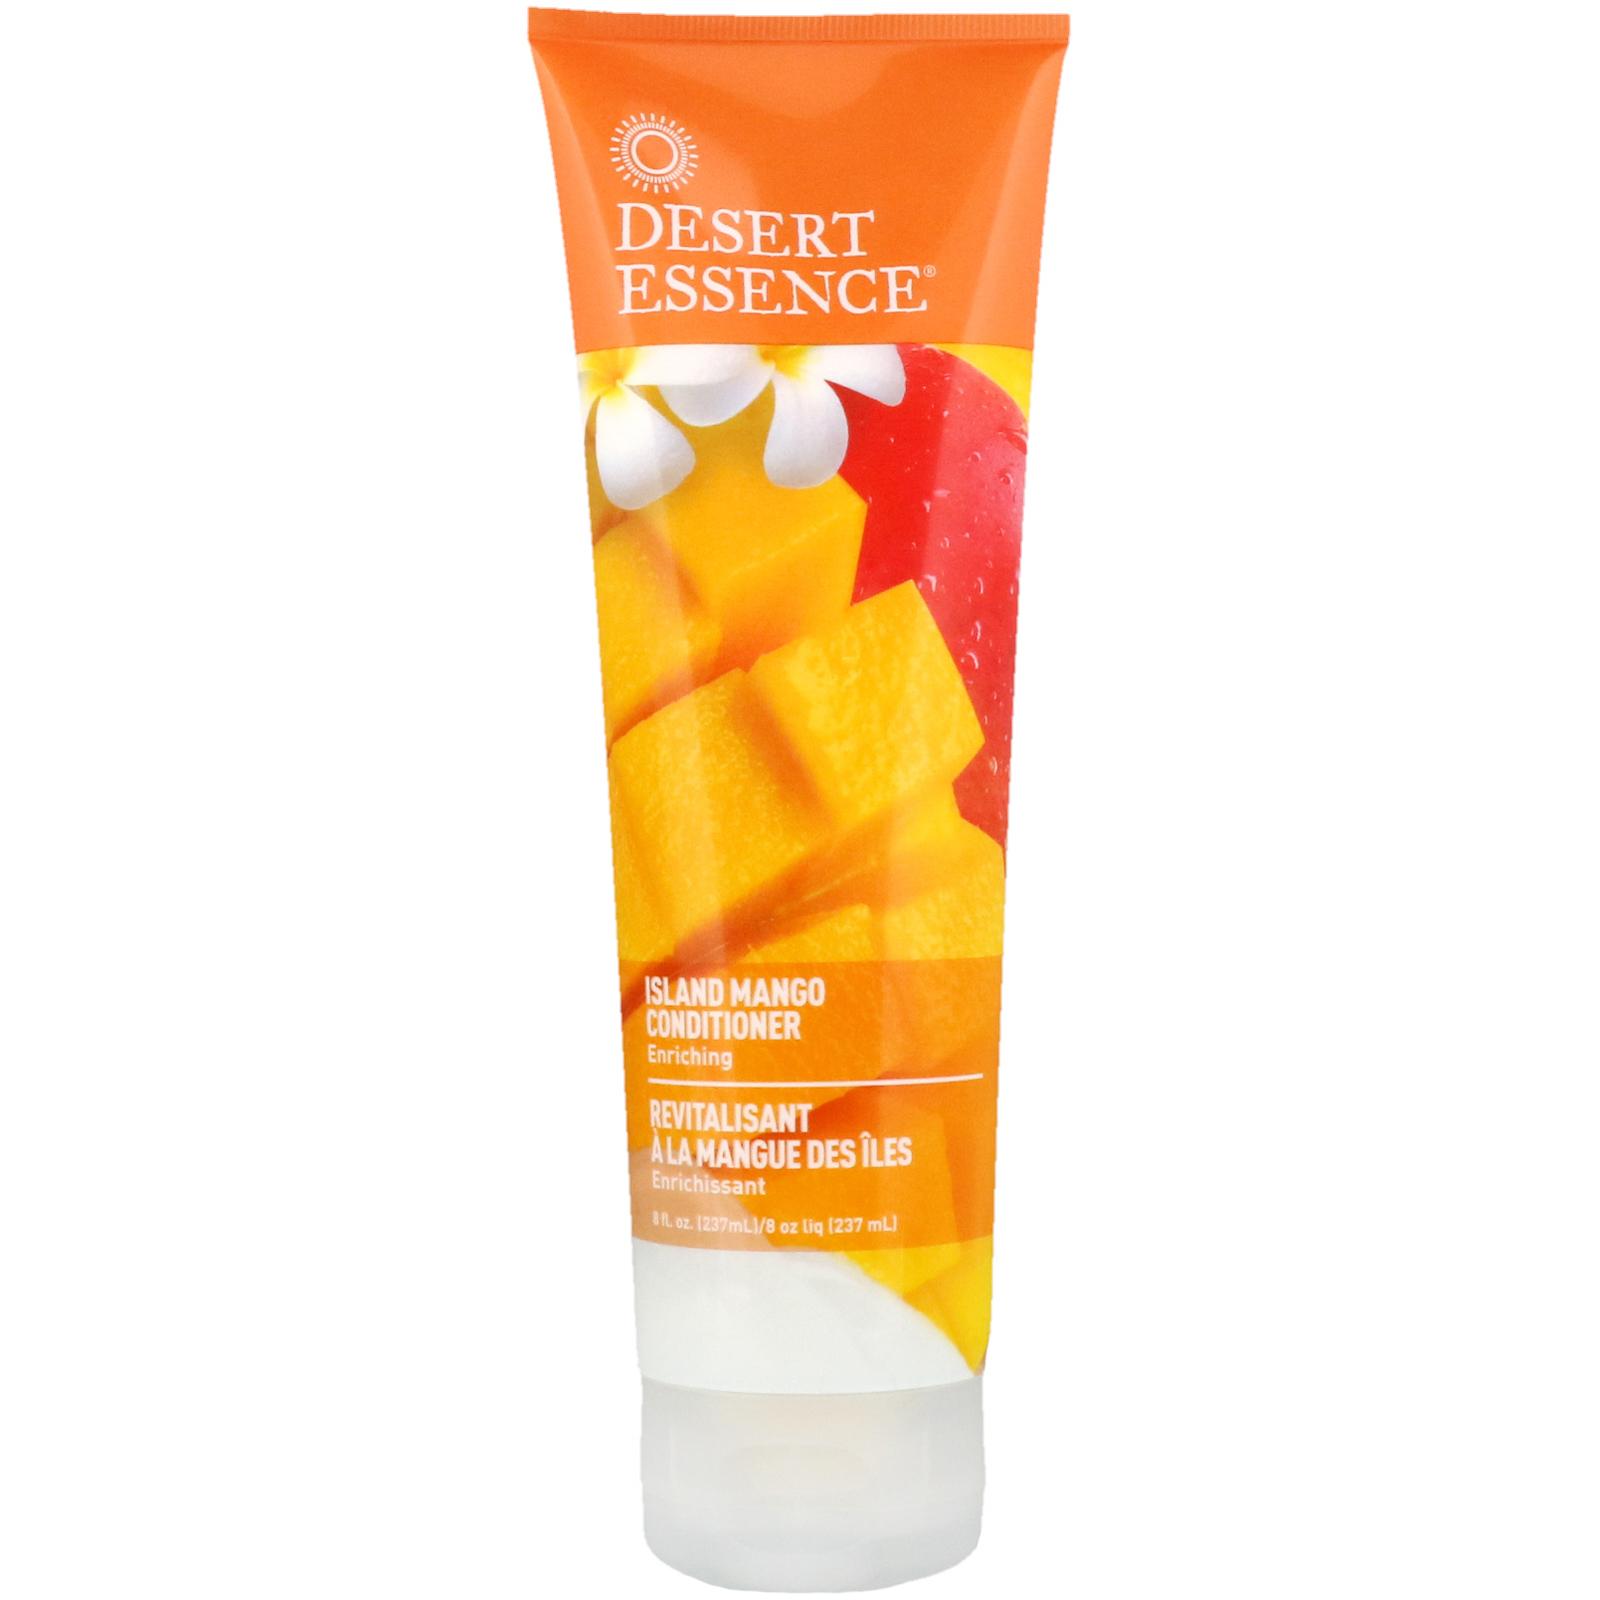 Mango Conditioner